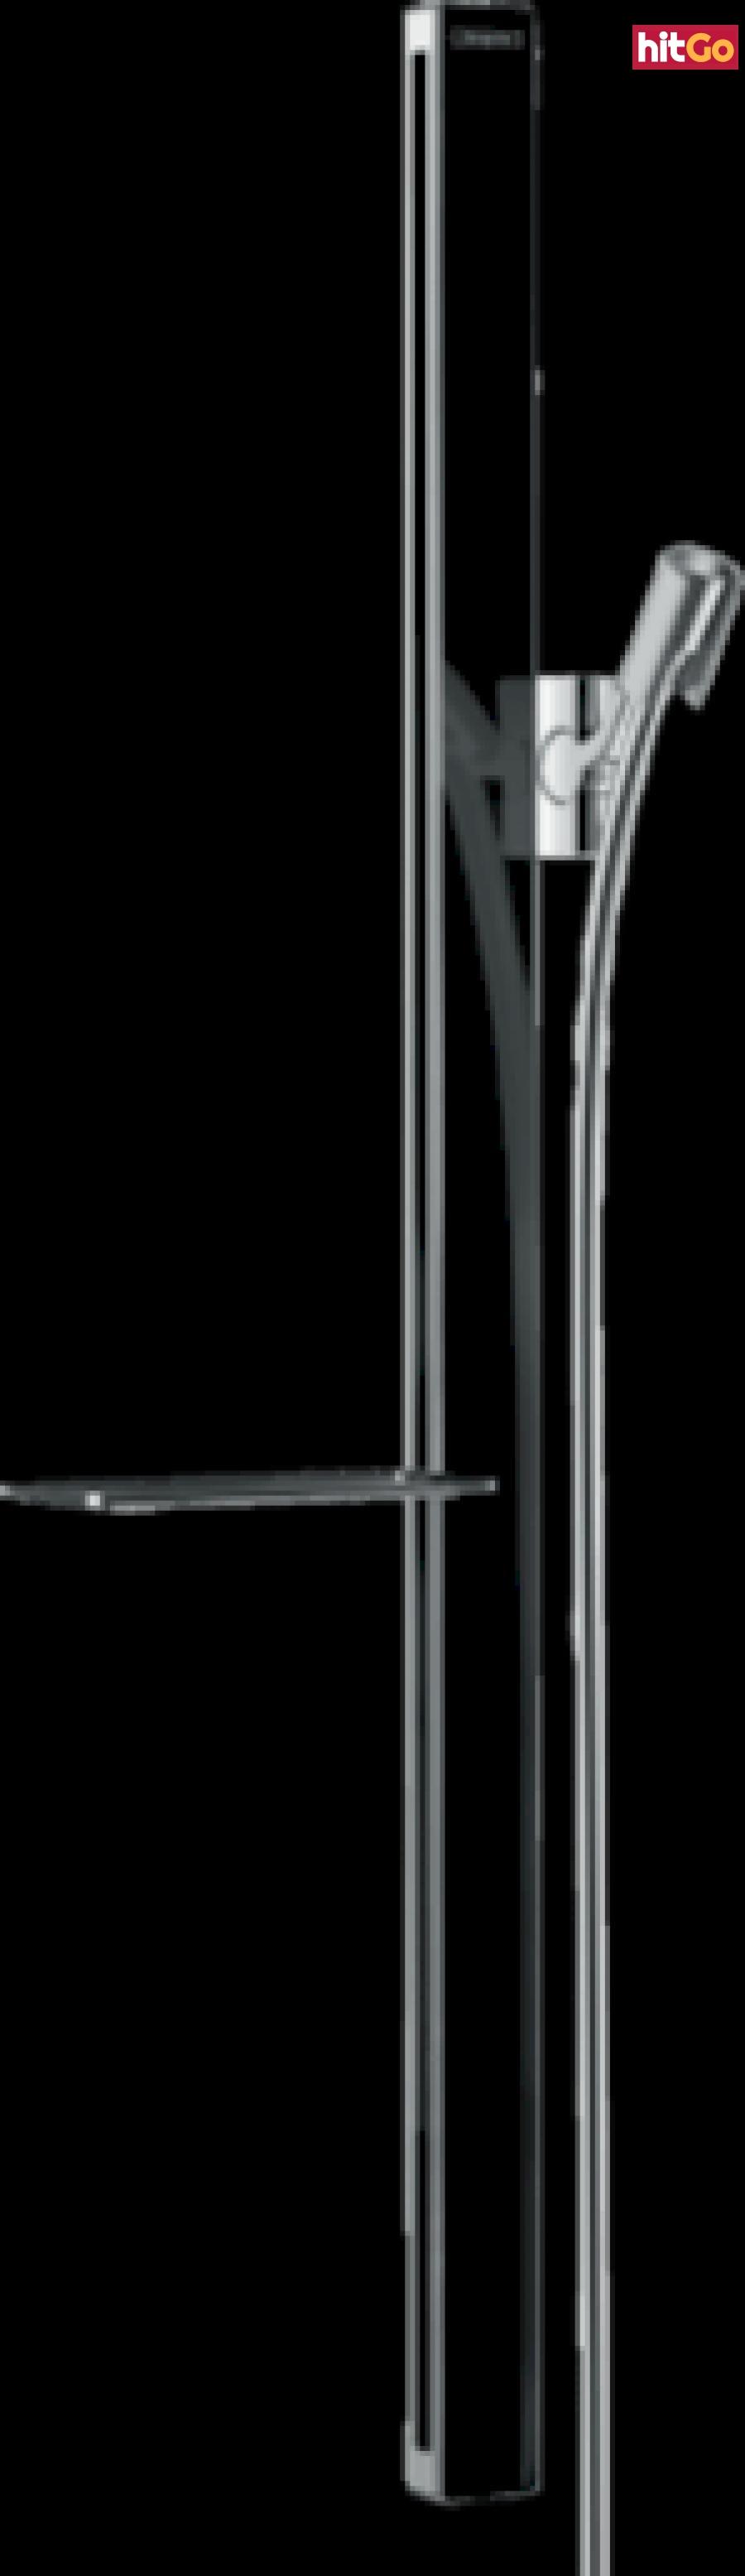 Sprchová tyč Hansgrohe Unica se sprchovou hadicí černá/chrom 27640600 ostatní černá